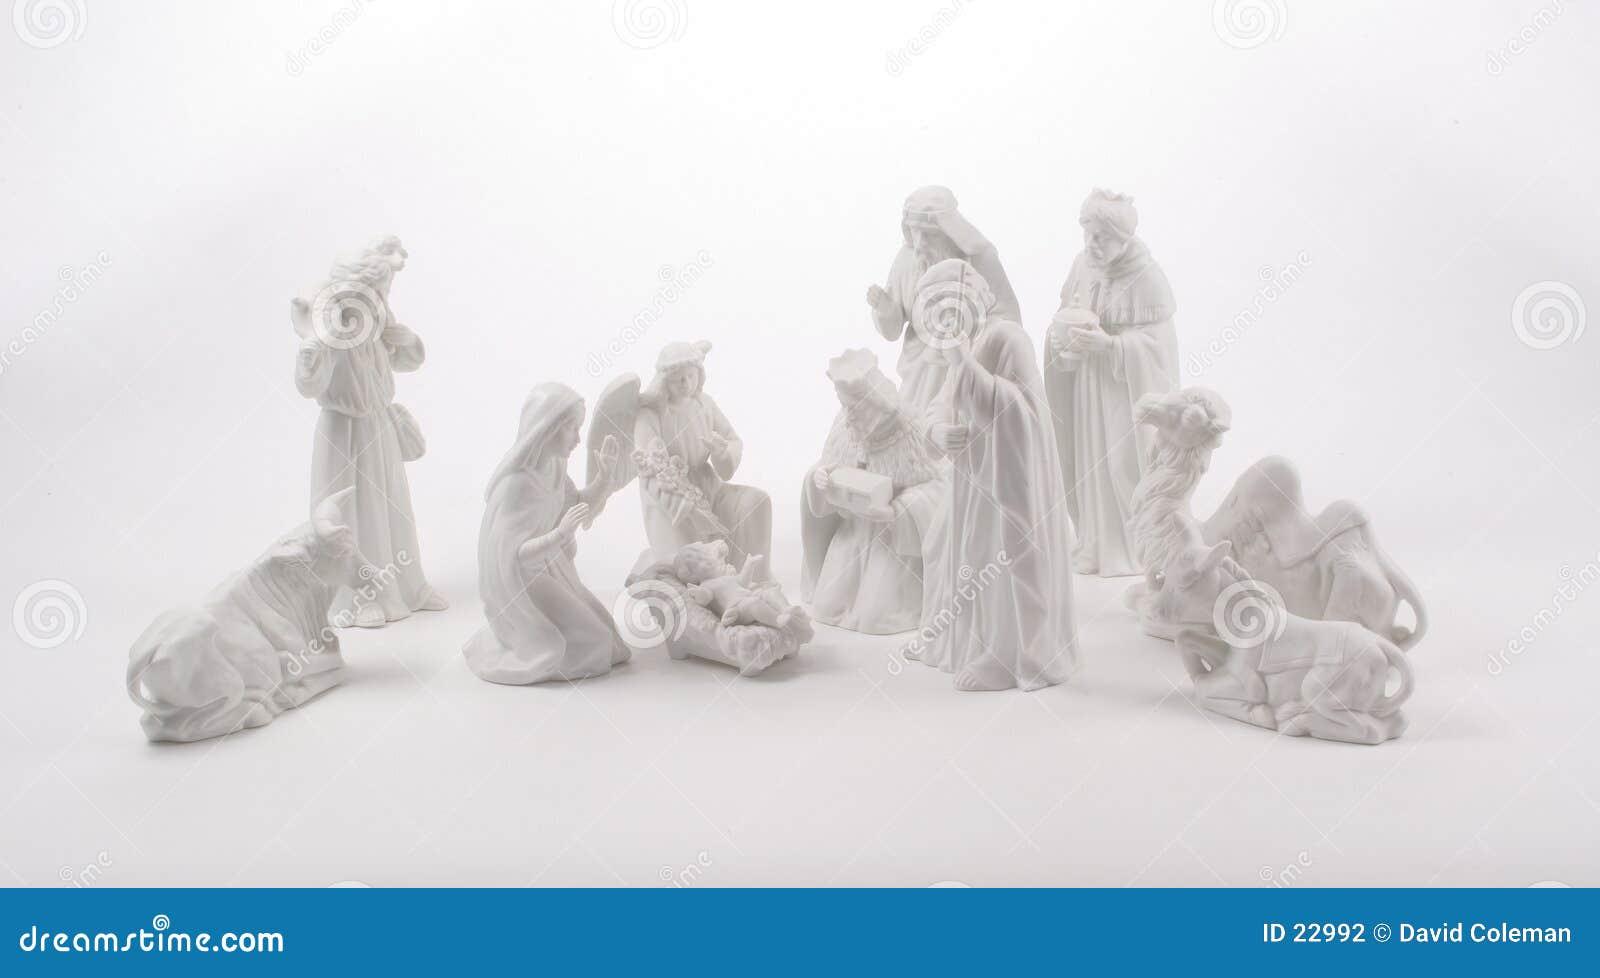 Wielka scena narodzenie jezusa